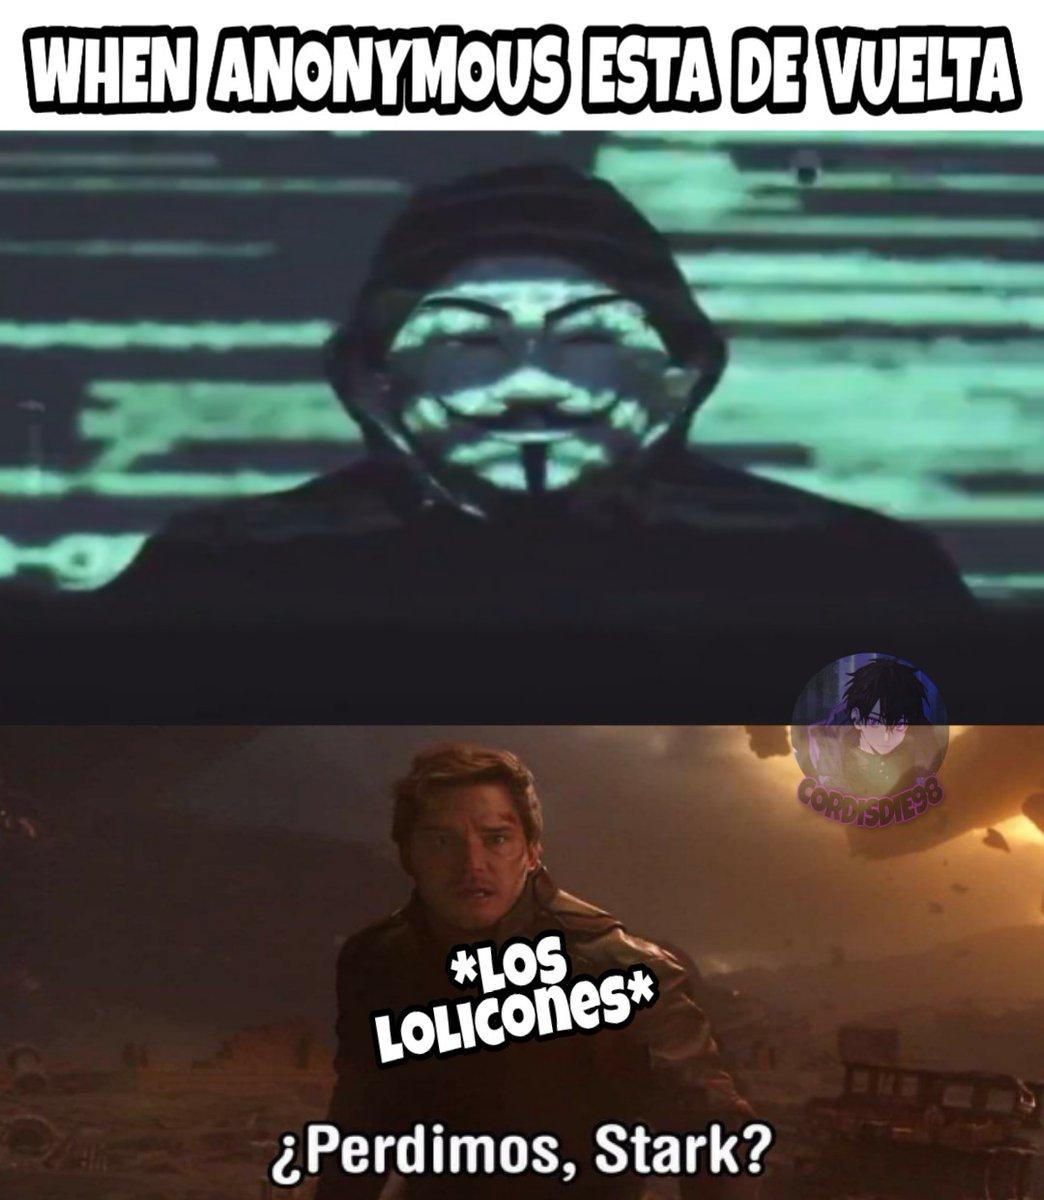 Todo se perdió alv 😂 . . . #Anonymous #anonymus #loli #otakus #anime #lolicon #Memes #AnimeMemes